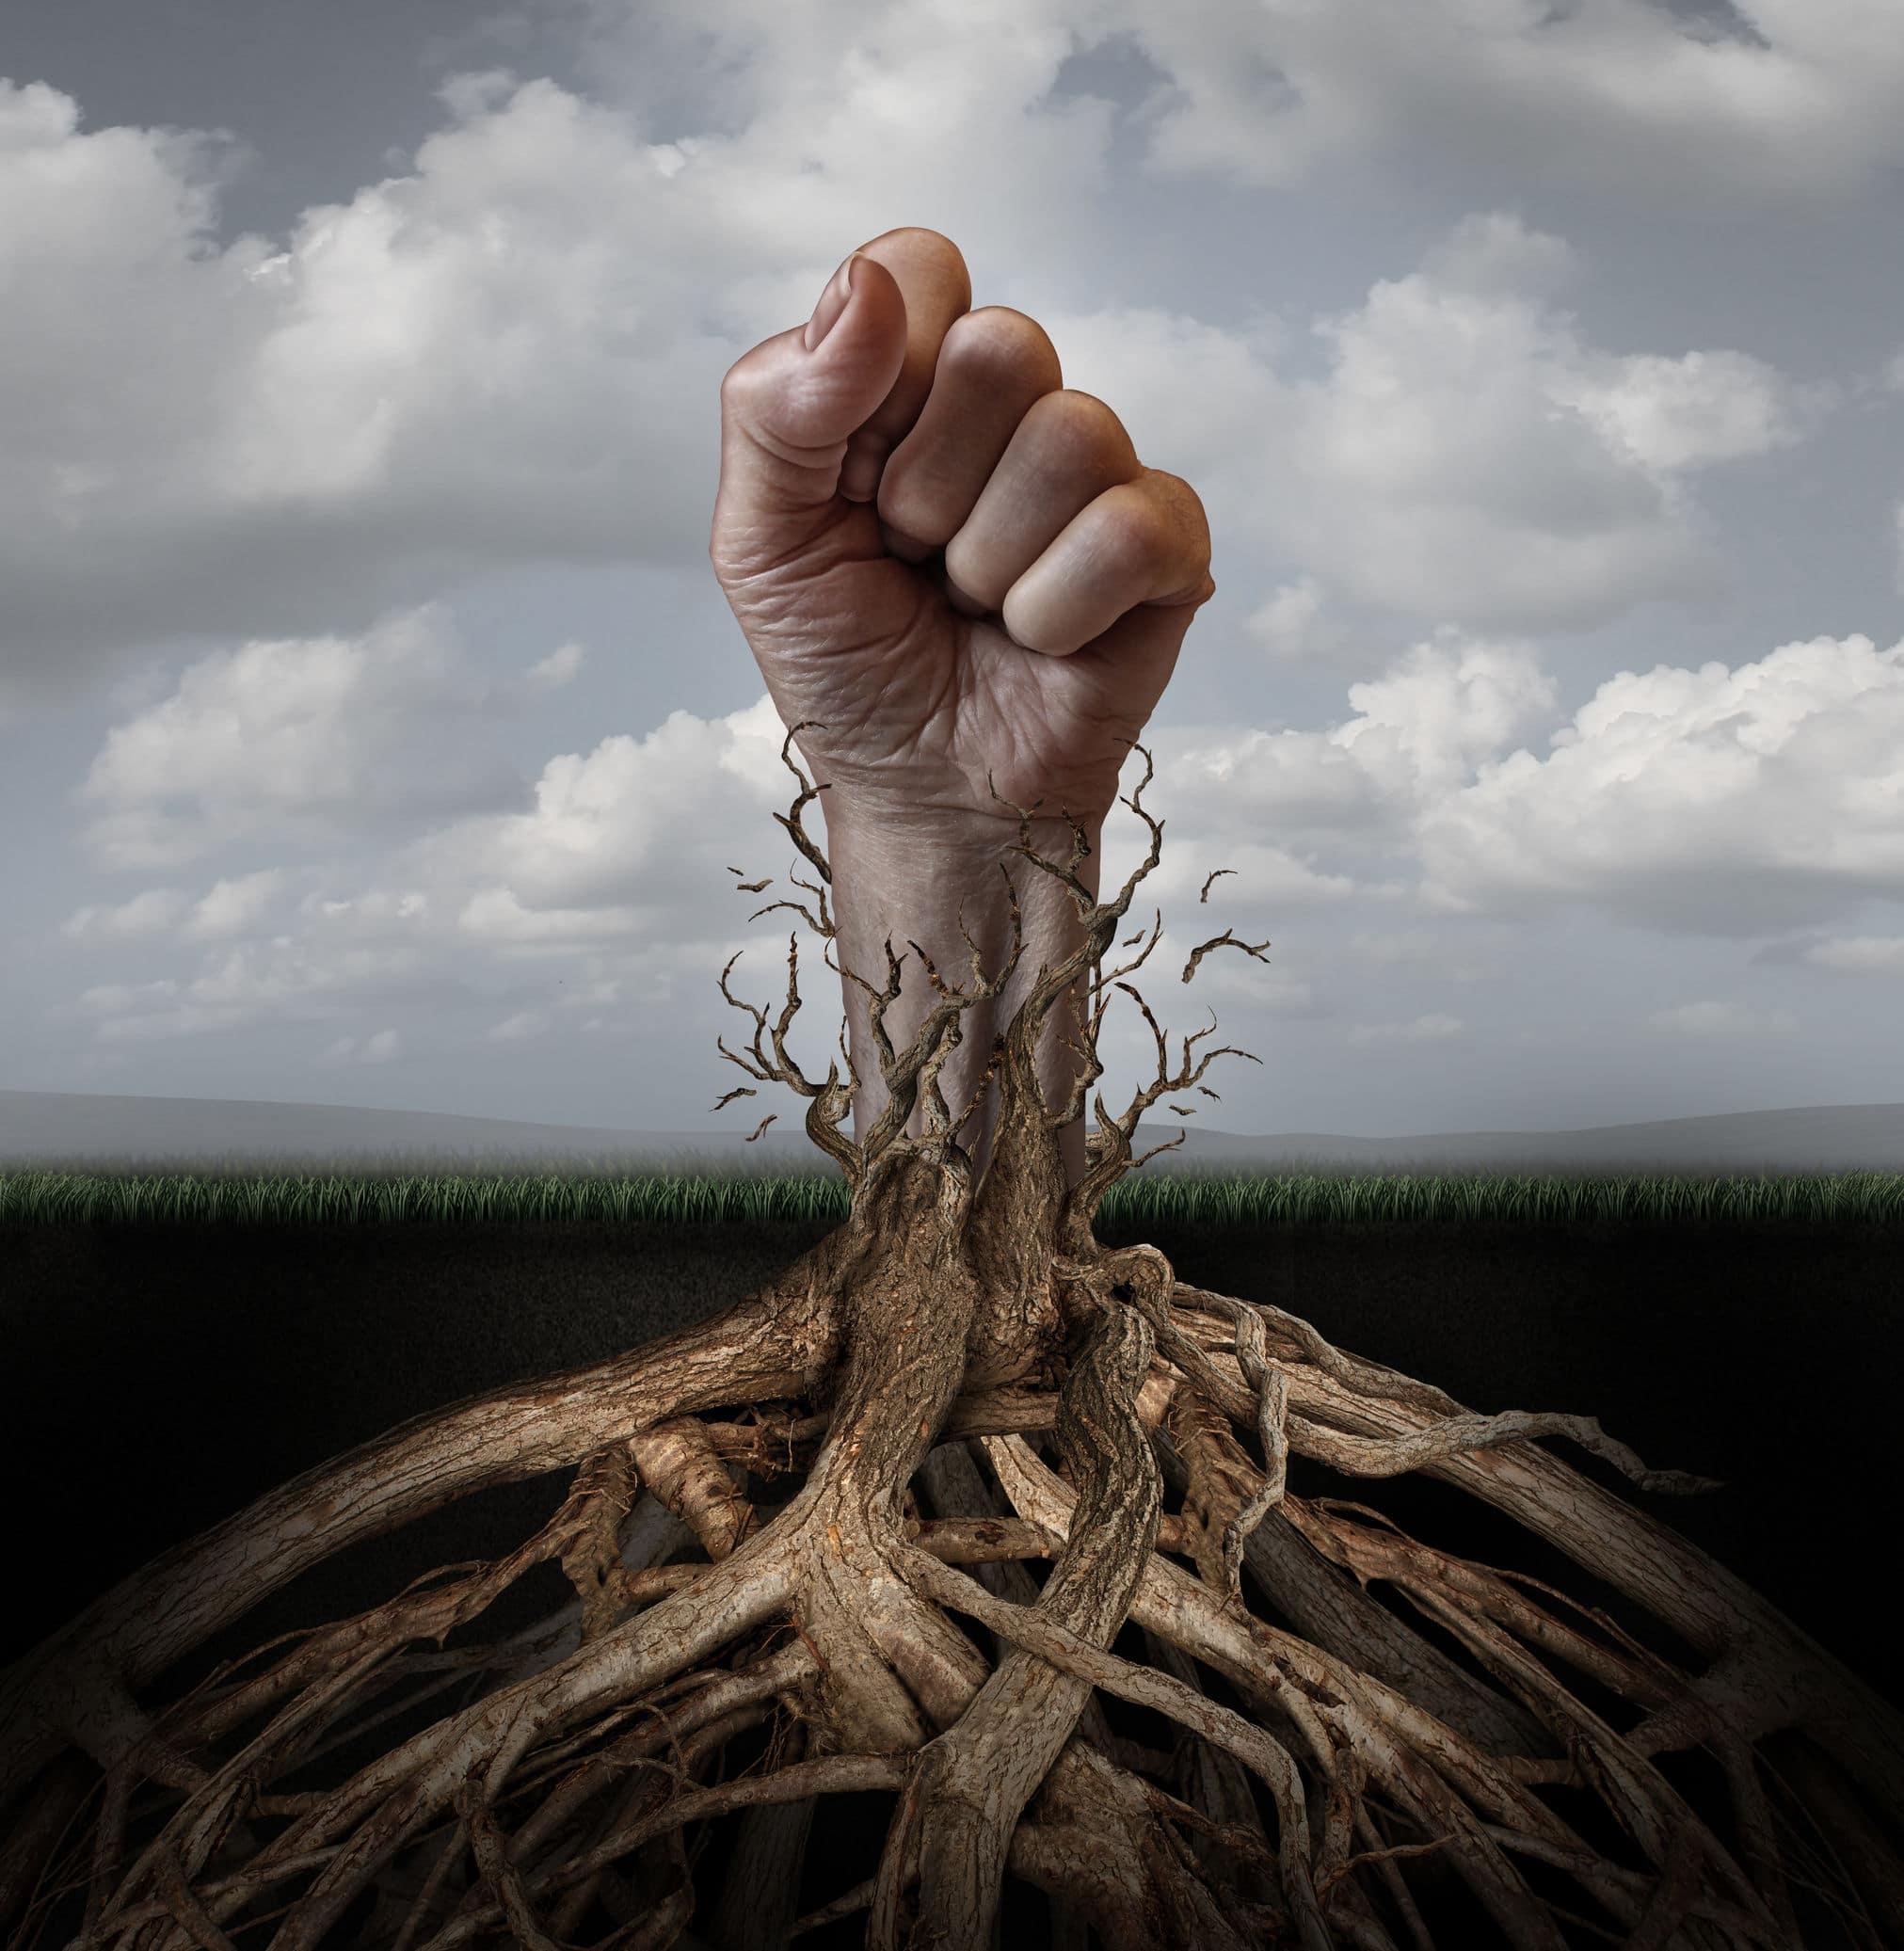 Um punho fechado de uma mão humana brotando do chão como se fosse uma árvore crescendo das raízes.